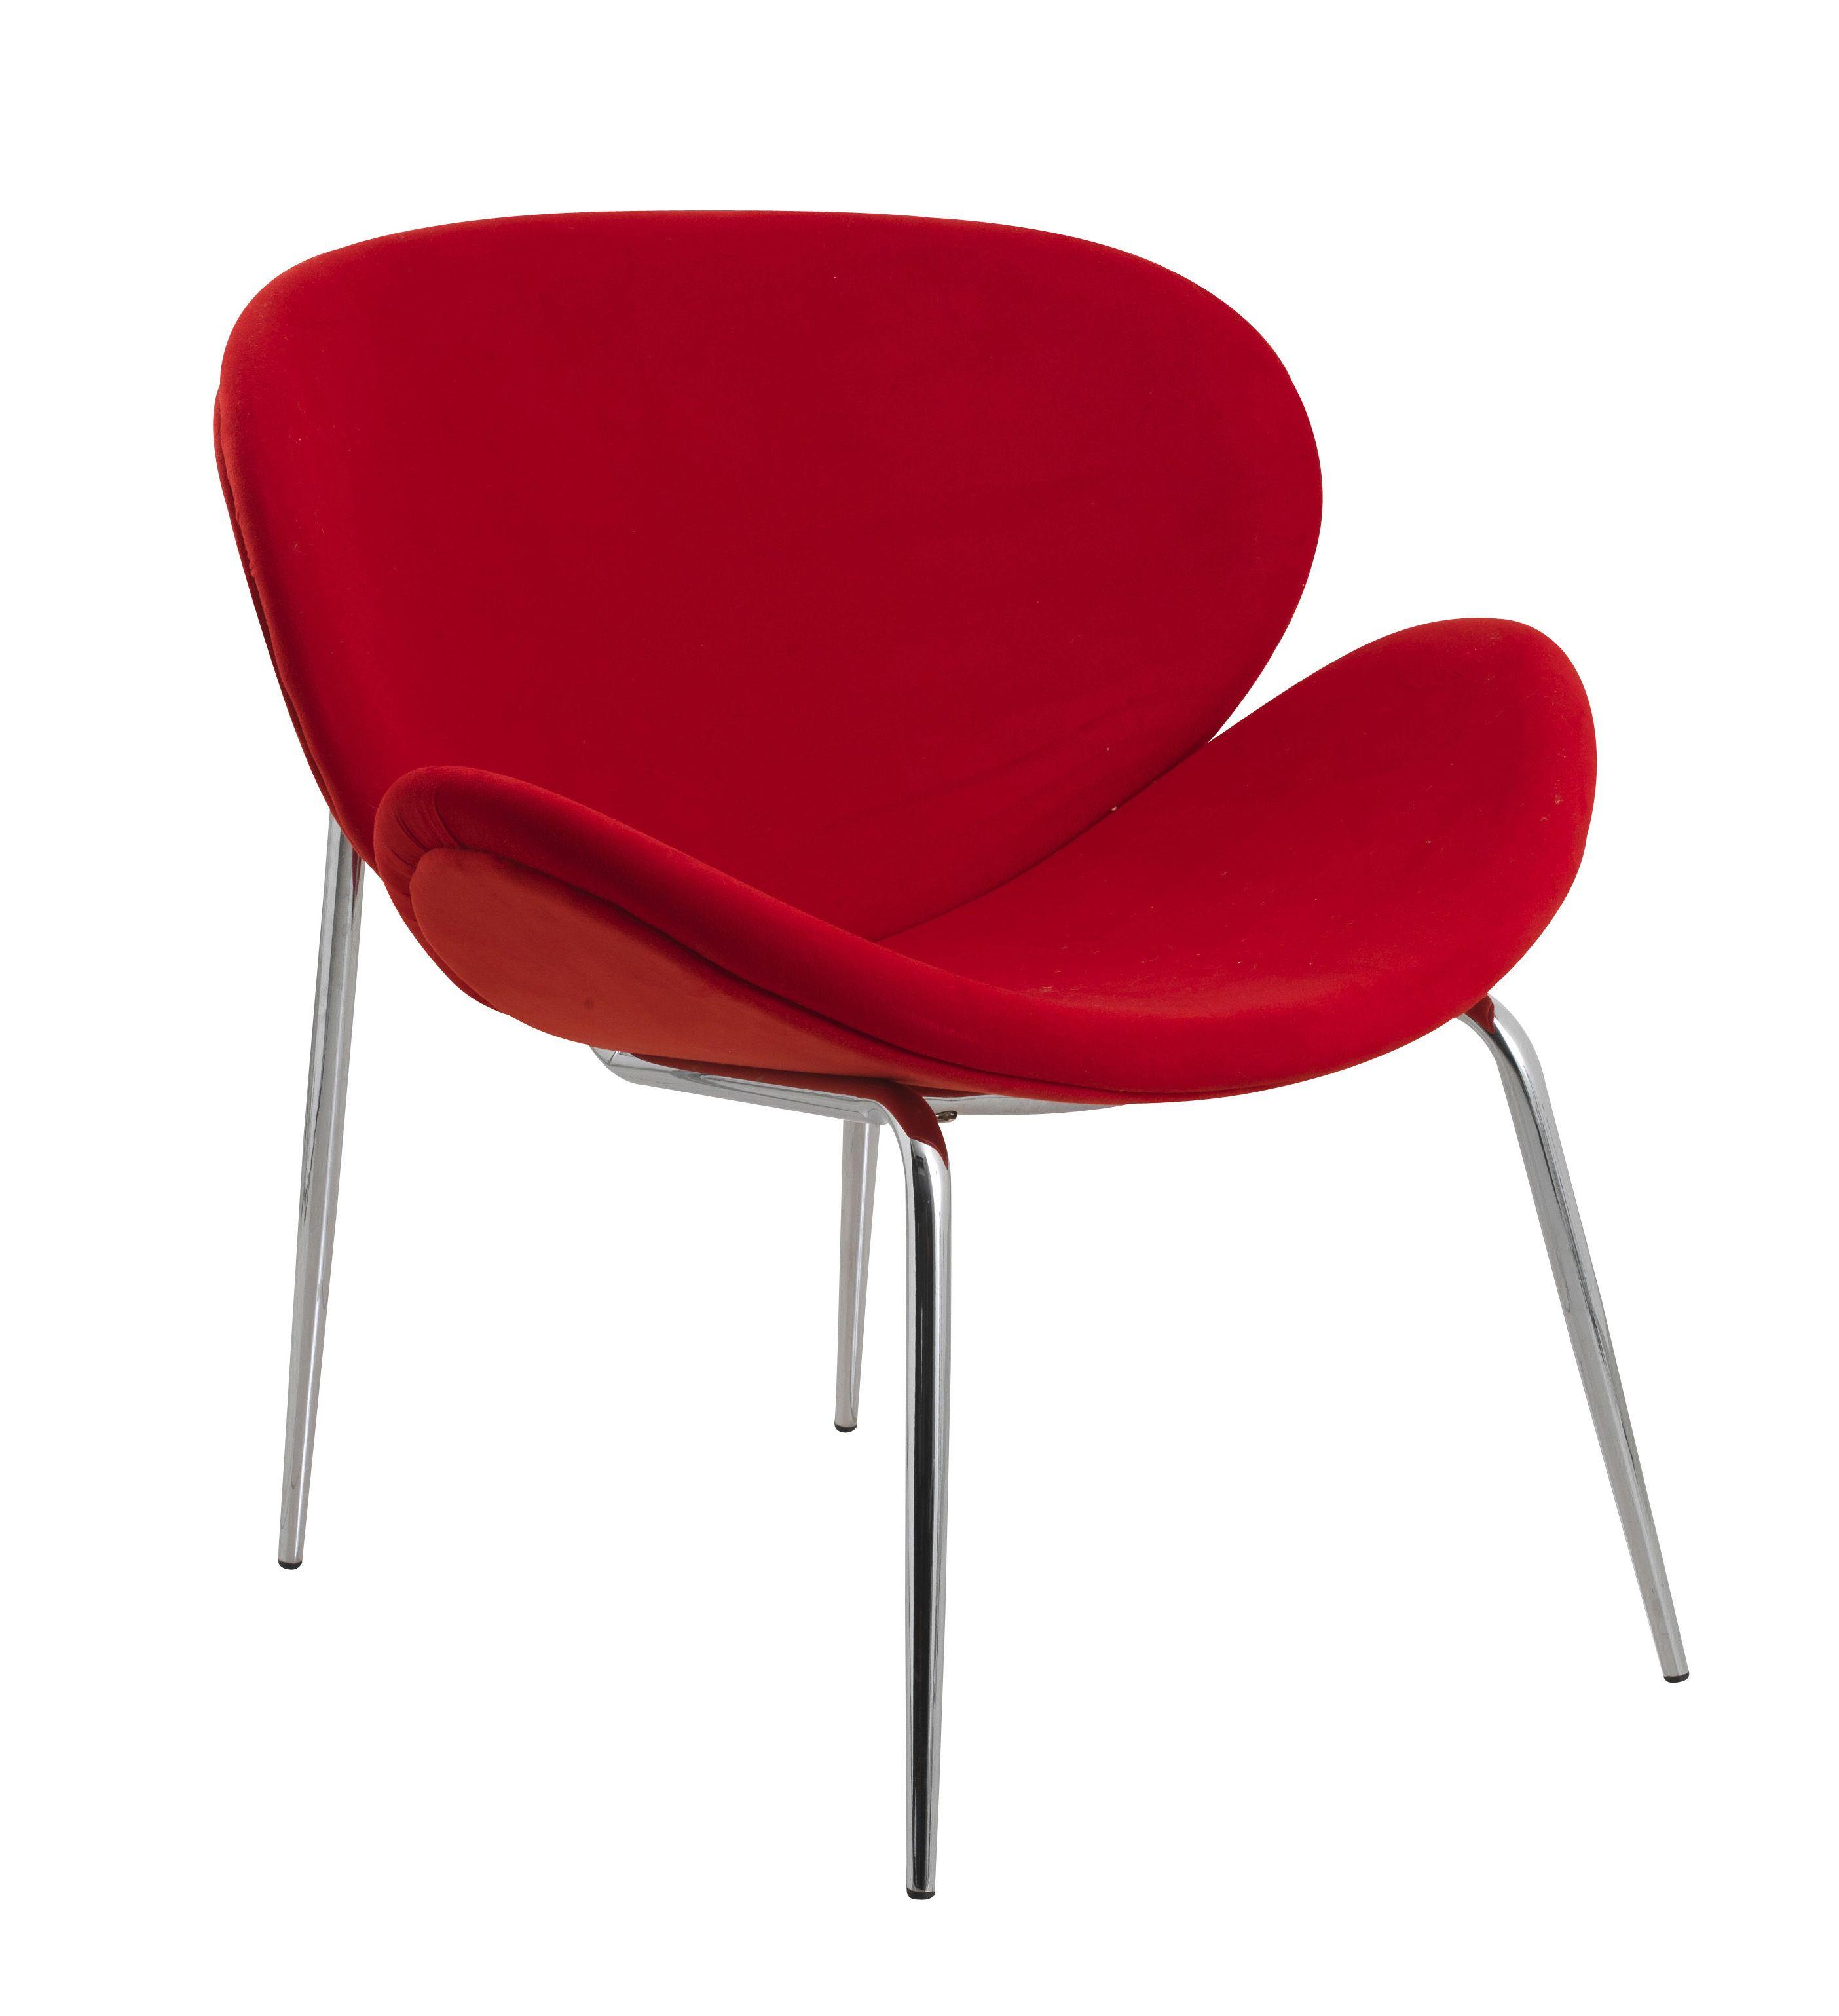 Silla roja retro silla retro roja mueble decoraci n - Mueble rojo ikea ...